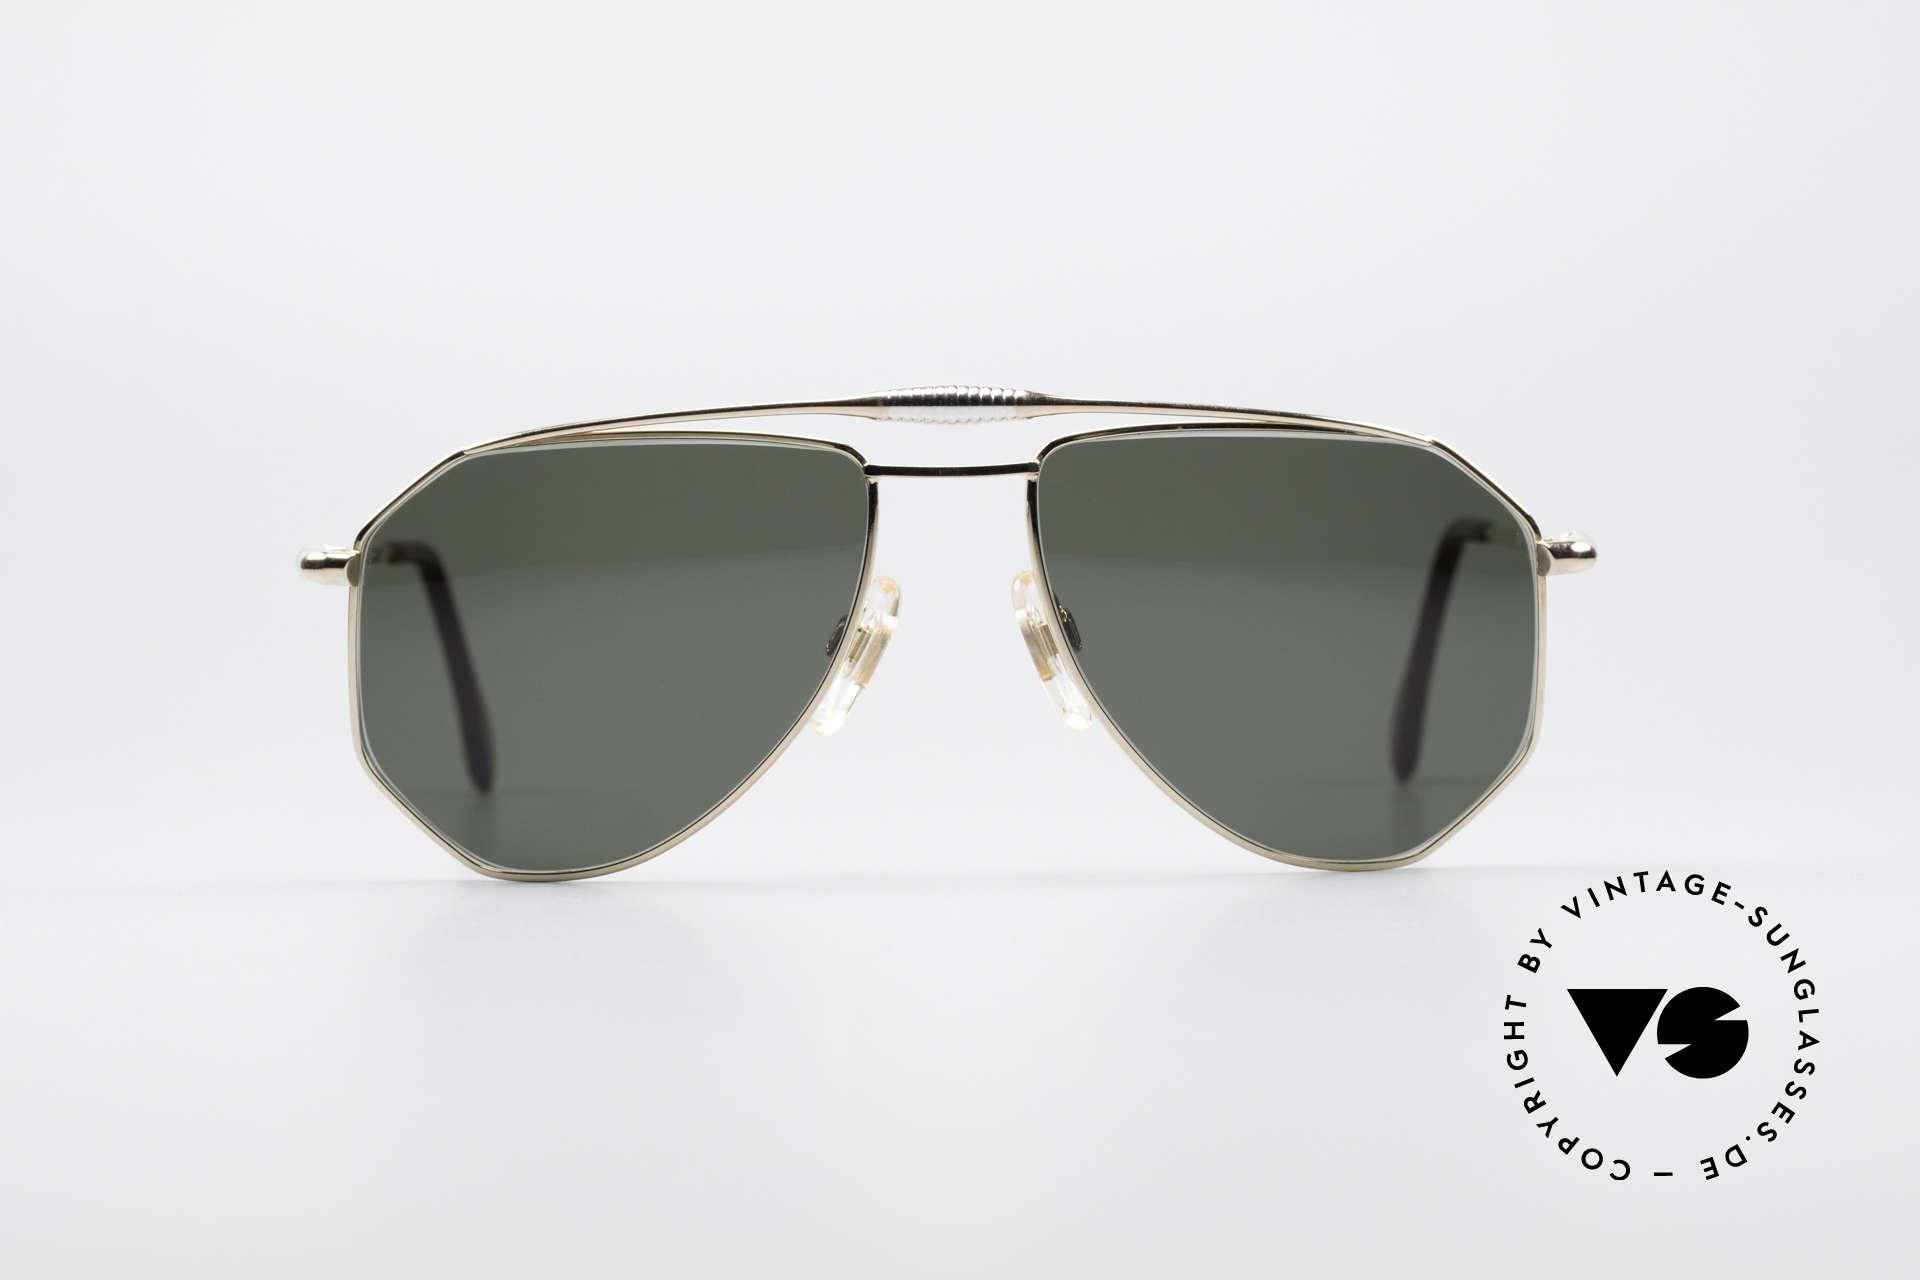 Zollitsch Cadre 120 Medium Piloten Sonnenbrille, markantes Herren-Modell in herausragender Qualität, Passend für Herren